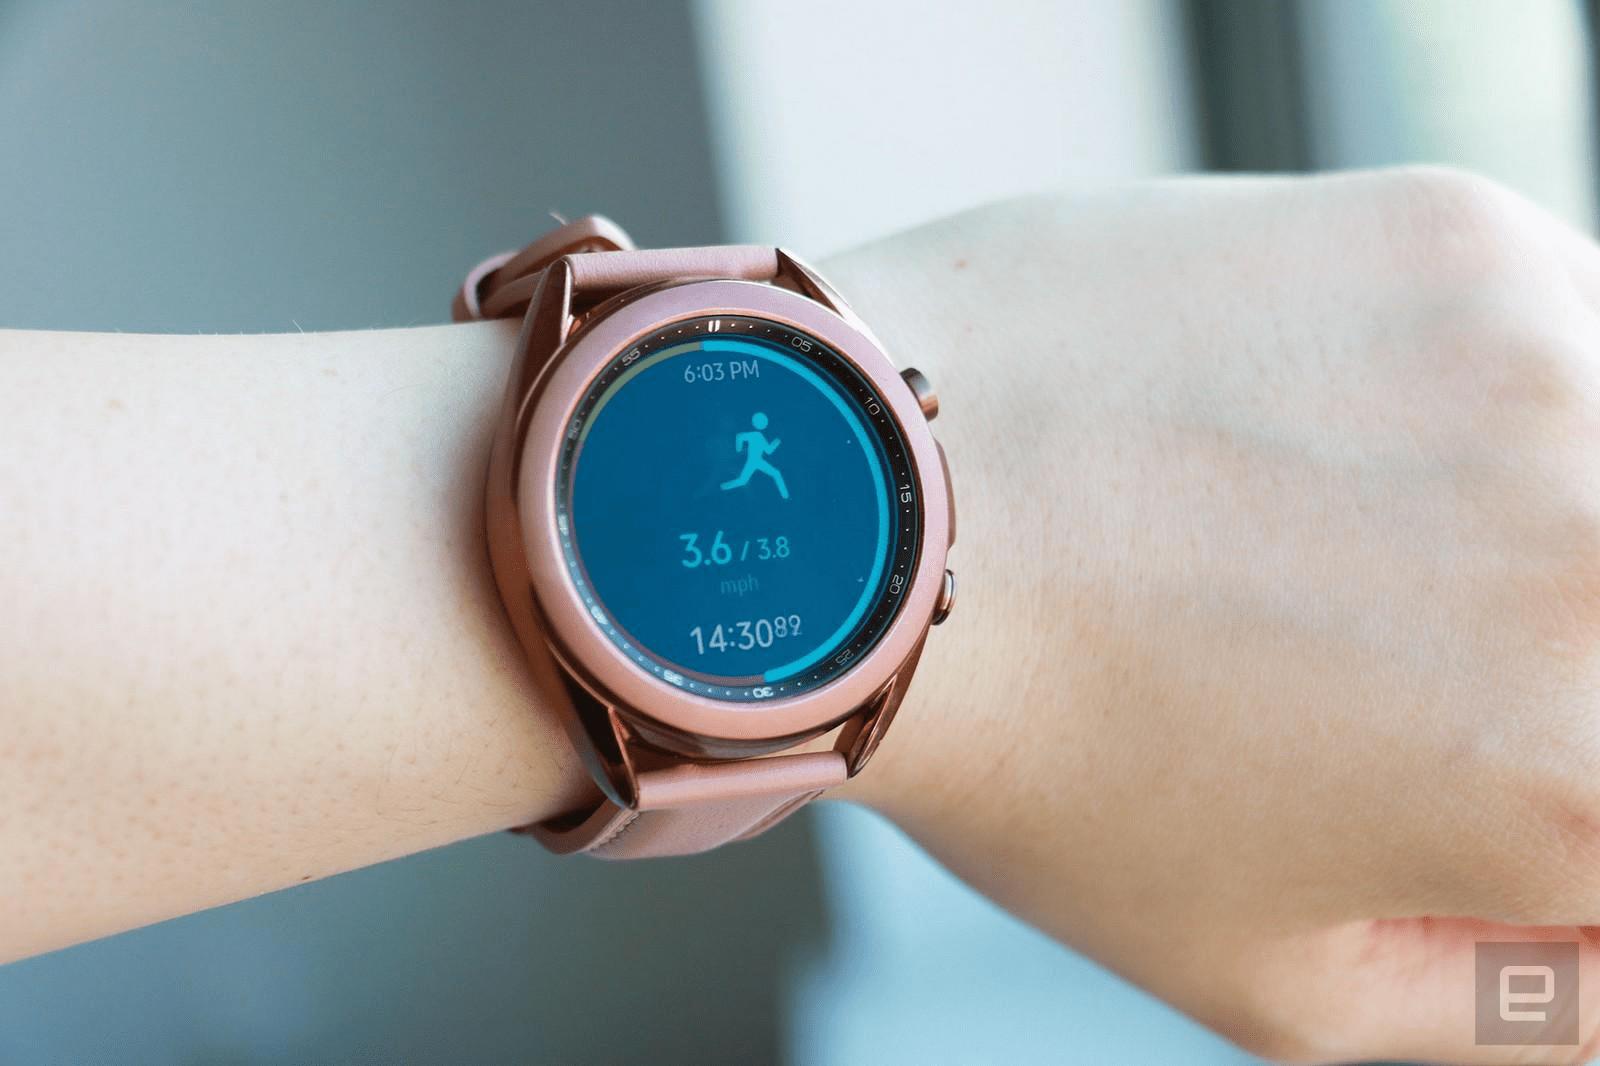 Màn hình Galaxy Watch 3 hiển thị đủ màu sắc, dễ đọc trong mọi điều kiện ánh sáng.